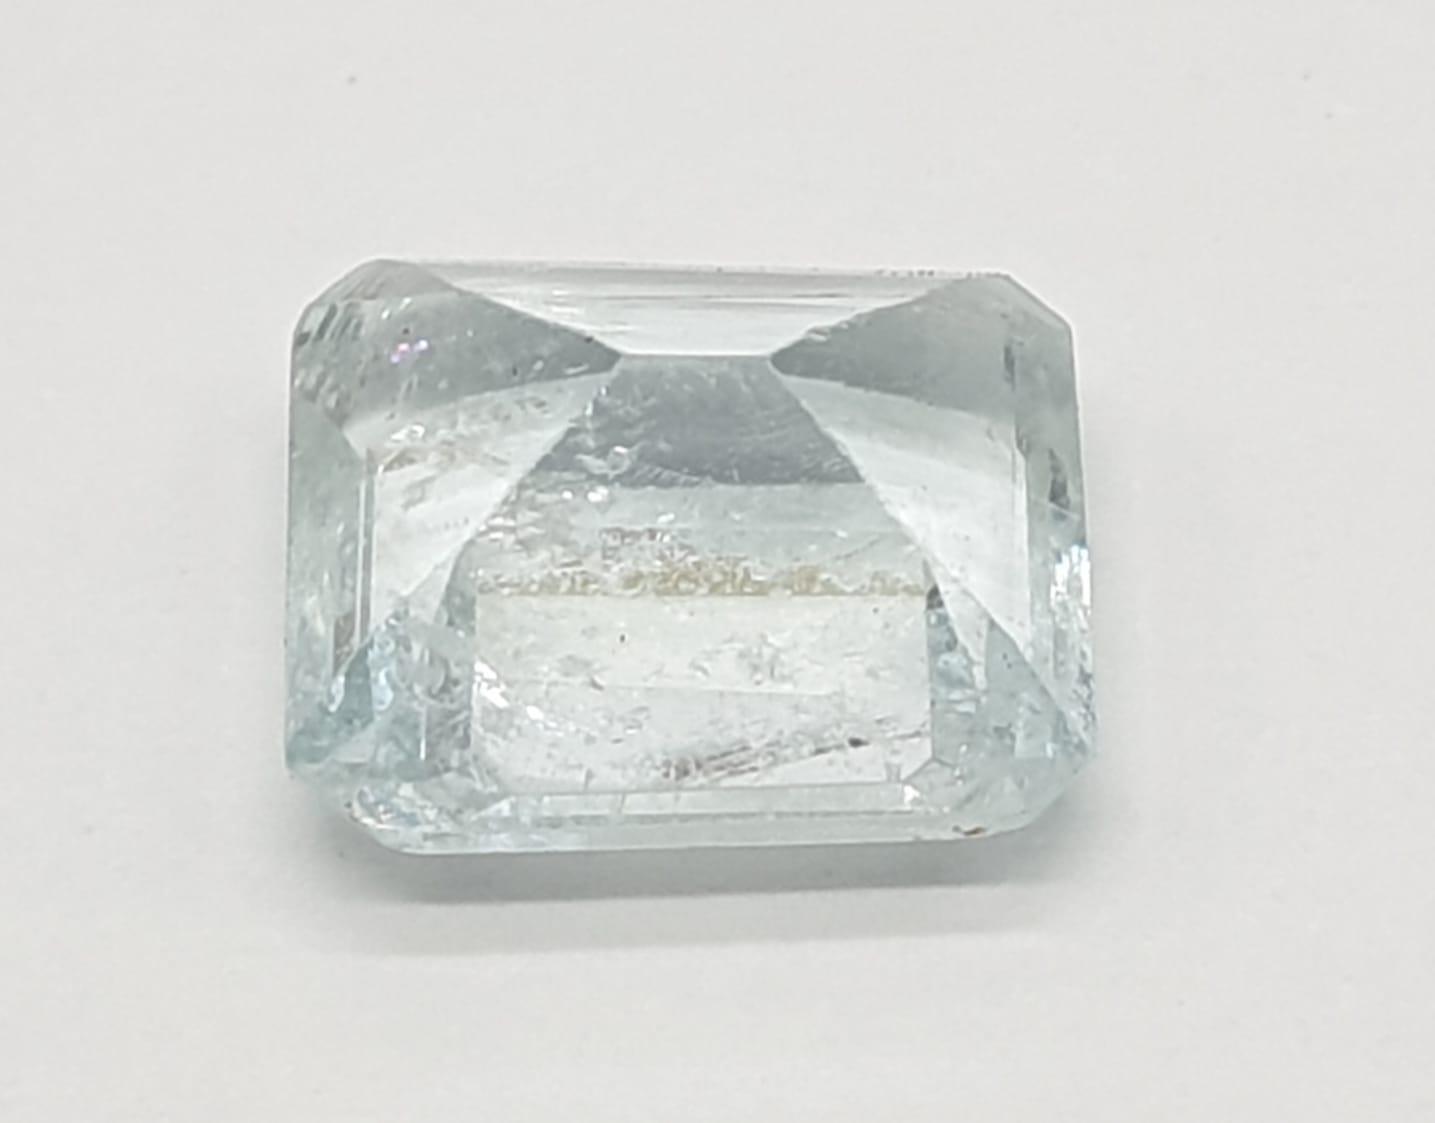 4.49ct Aquamarine gem GJSPC CERTIFIED - Image 2 of 3